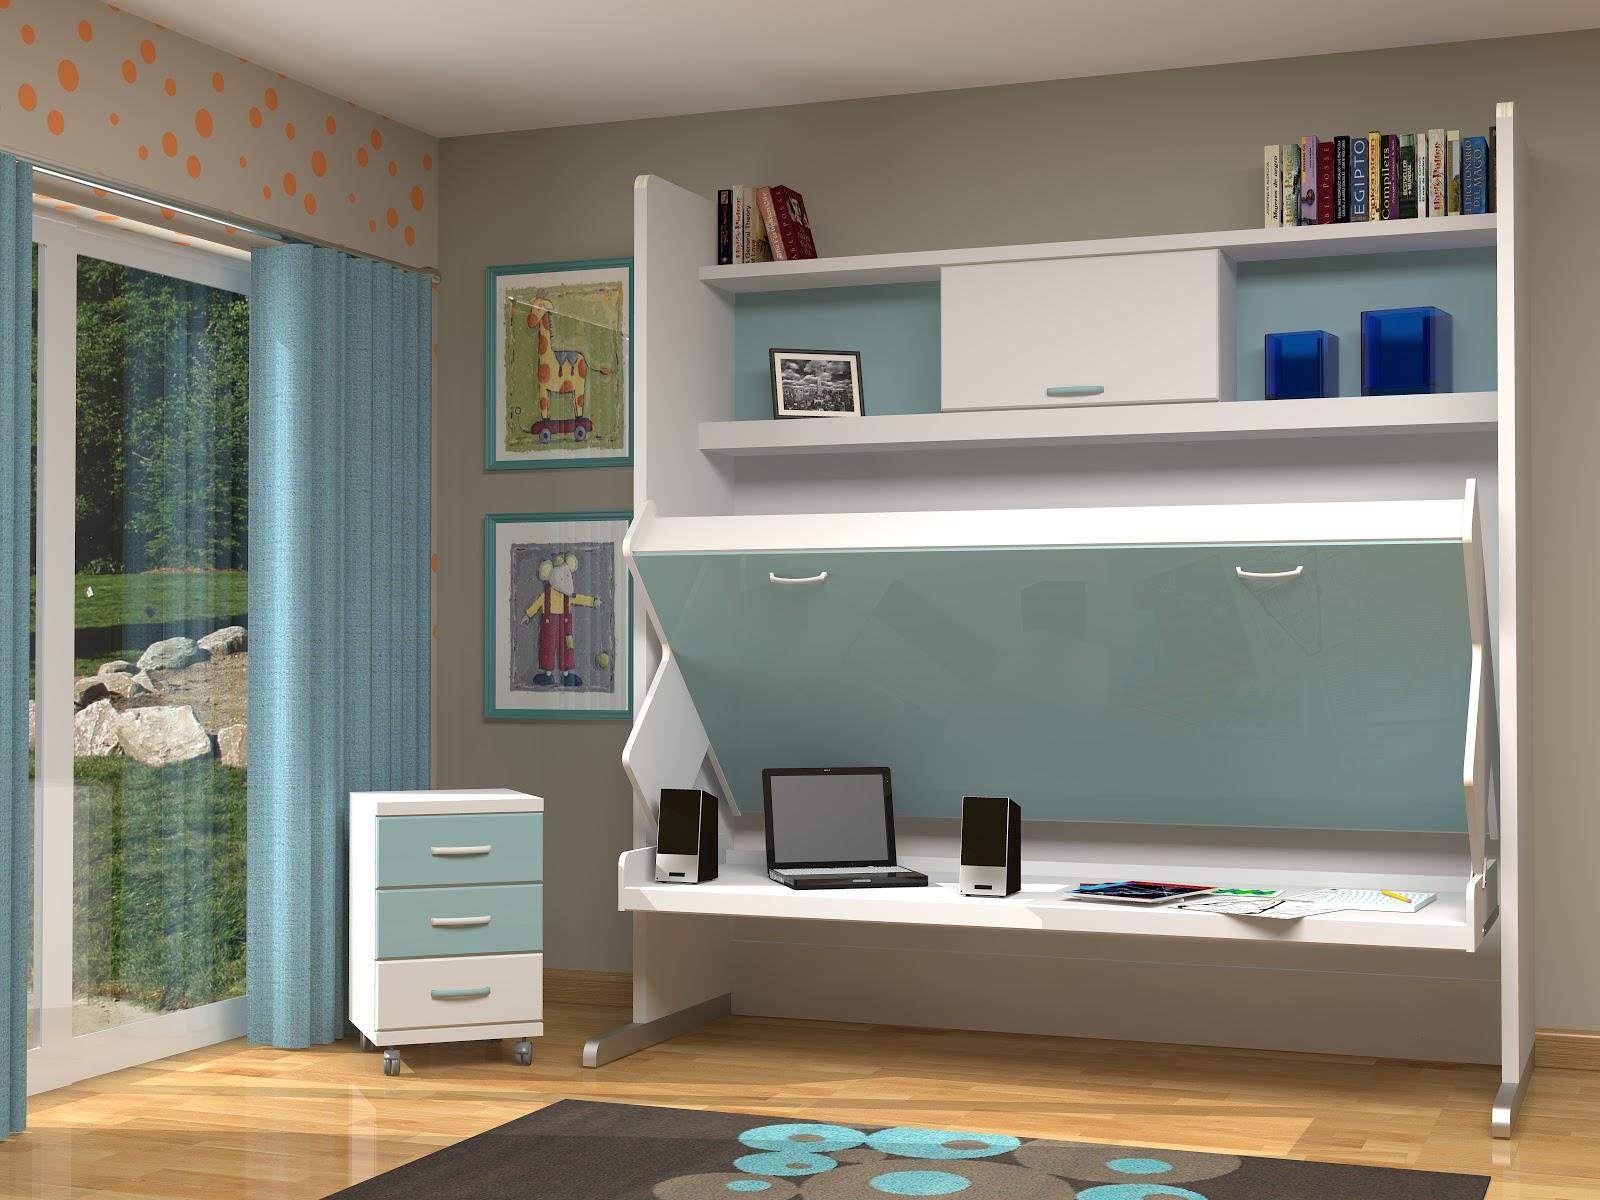 Muebles juveniles dormitorios infantiles y habitaciones - Mecanismo para camas abatibles ...